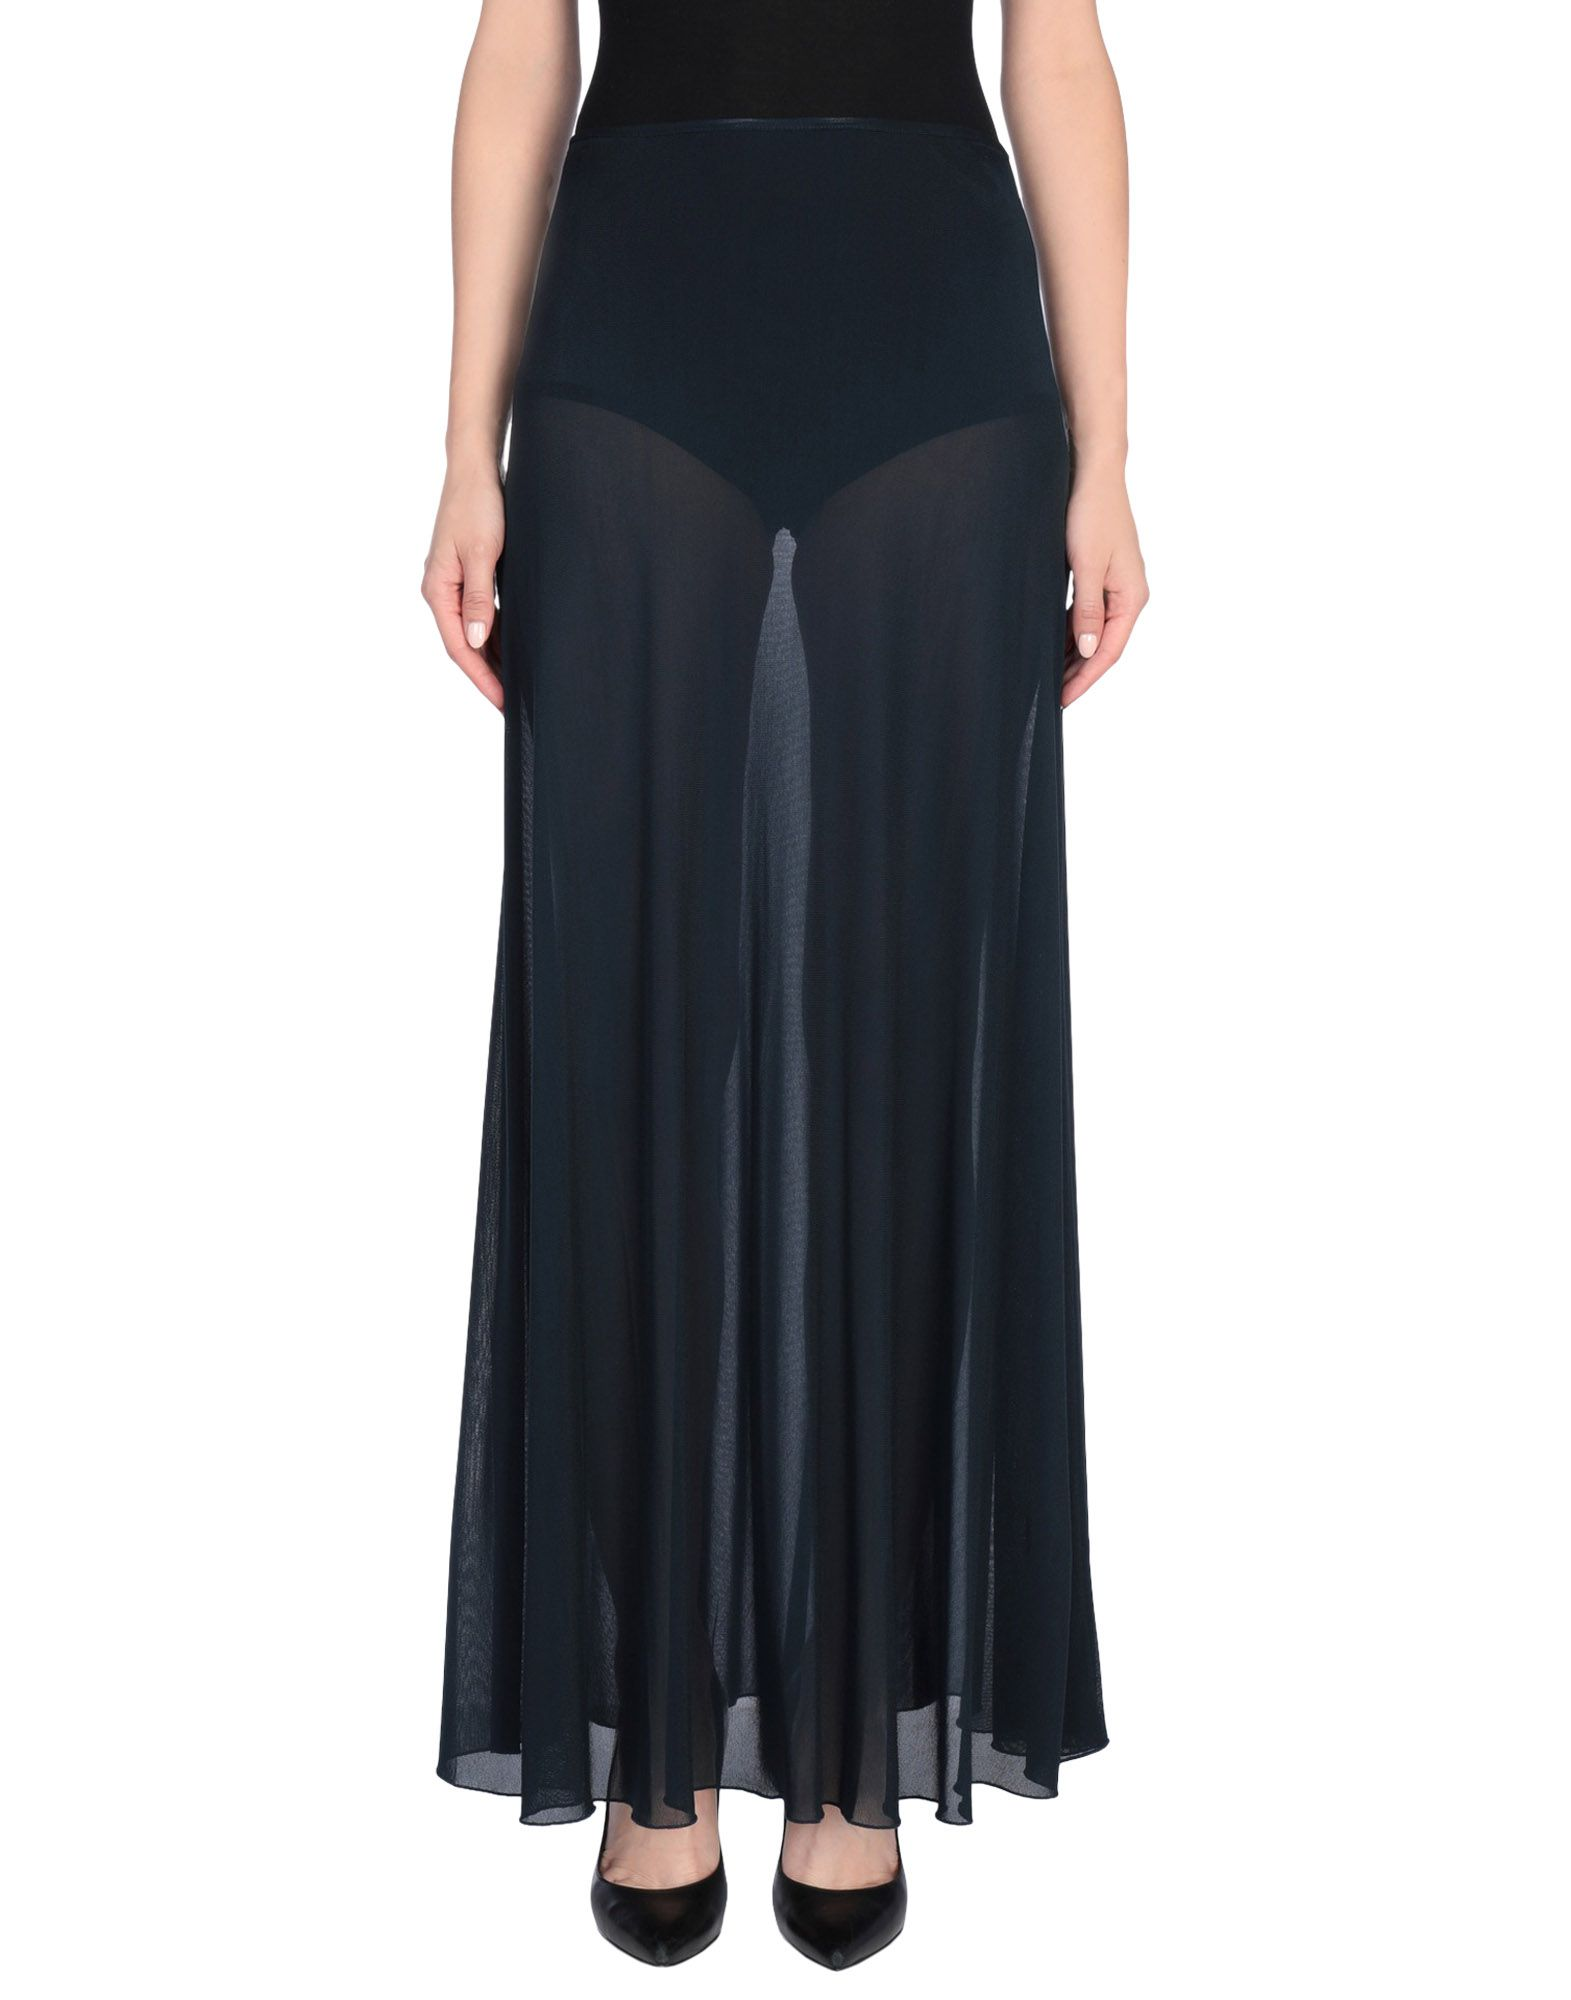 Фото - MARTA MARTINO Длинная юбка marta martino юбка до колена